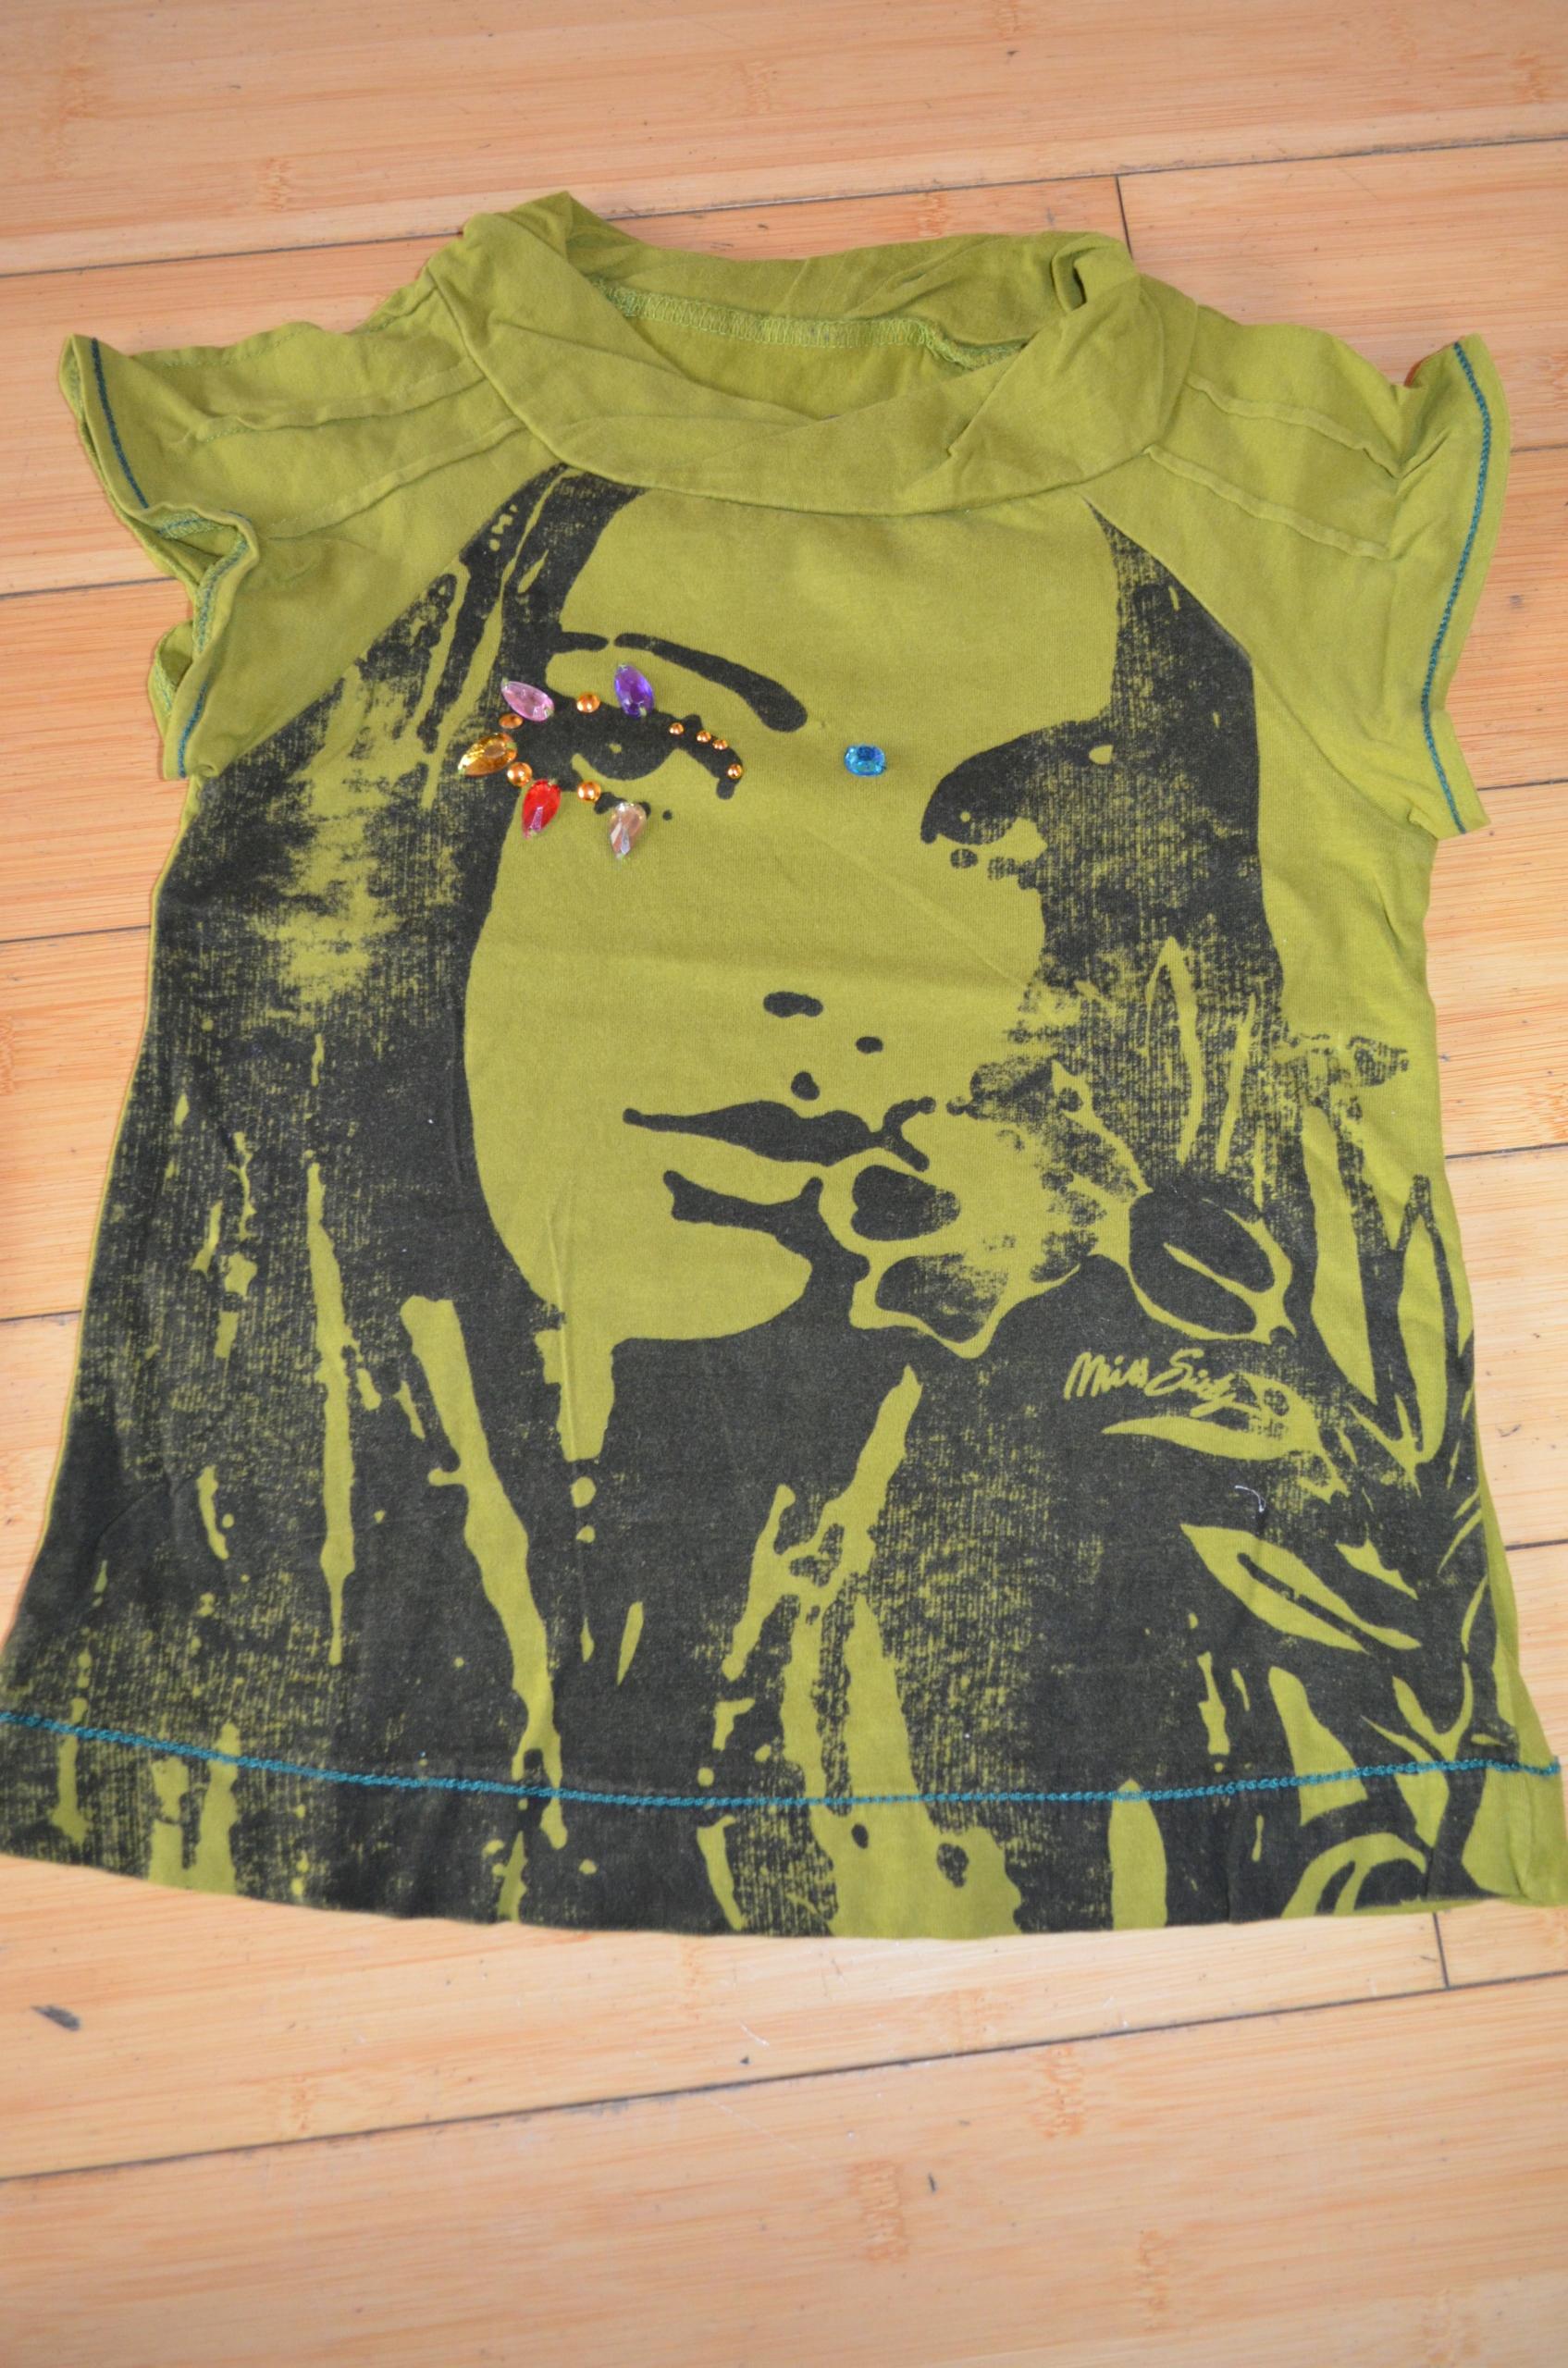 Koszulka Bluzka Miss sixty /122-128 8 lat